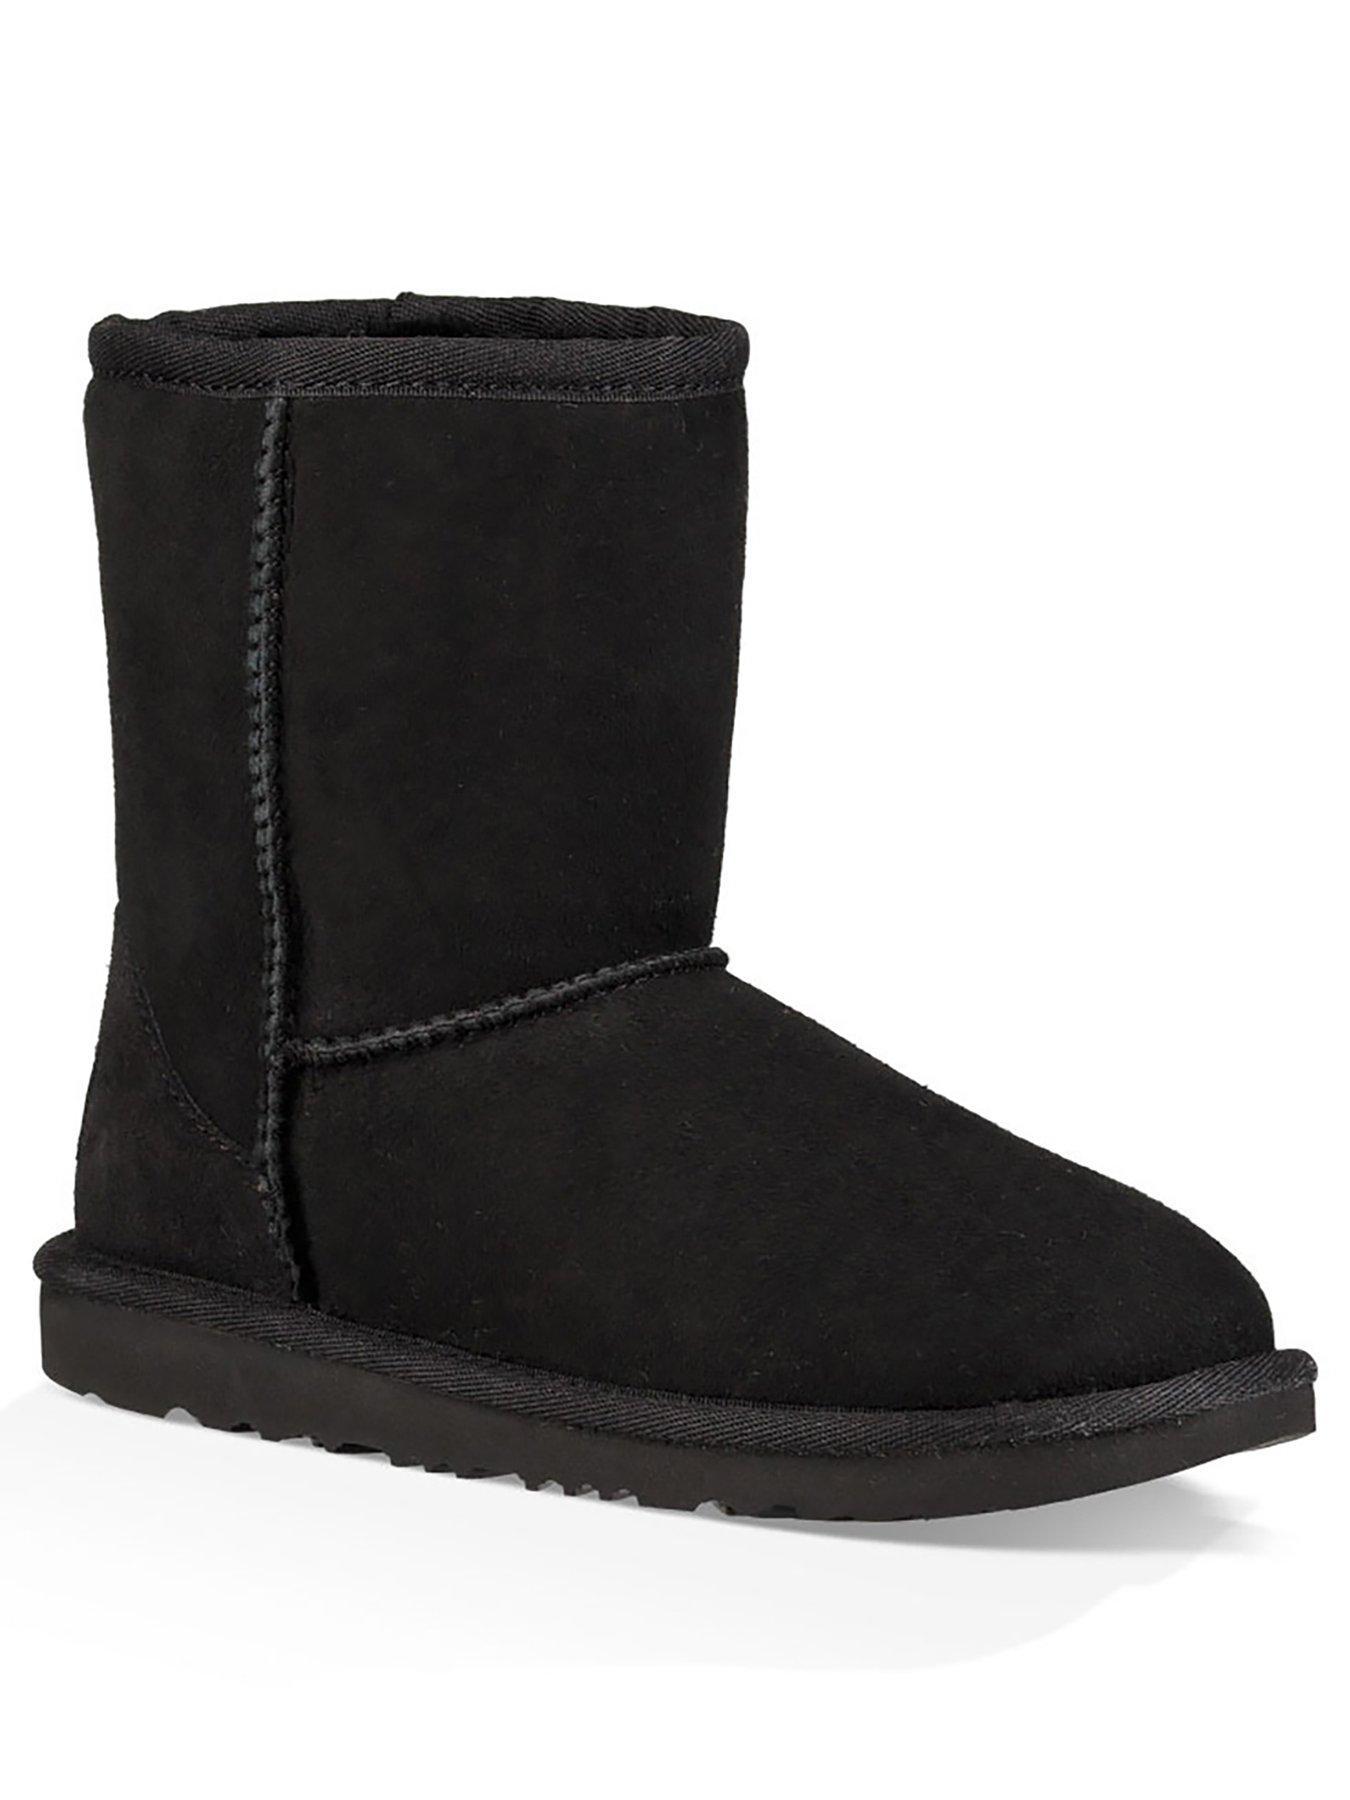 UGG Classic Il Boot - Black